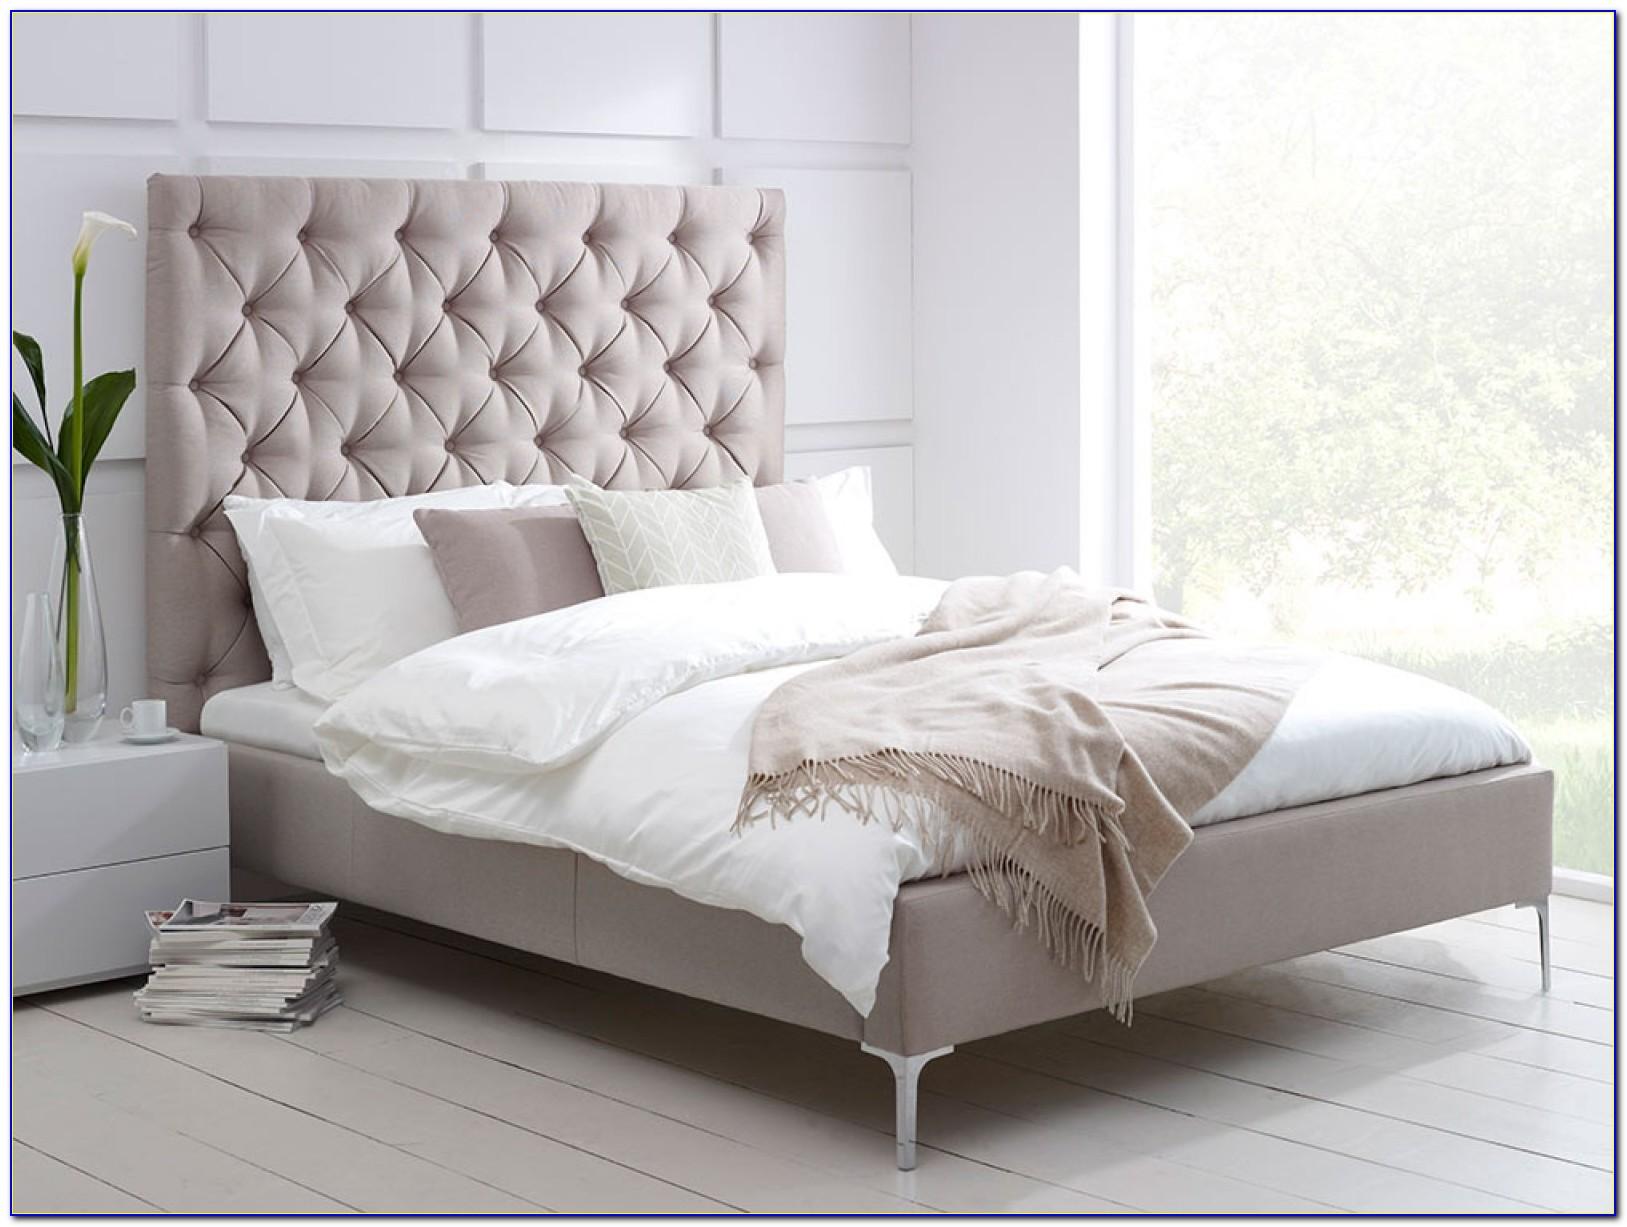 Upholstered Platform Bed Frame Without Headboard